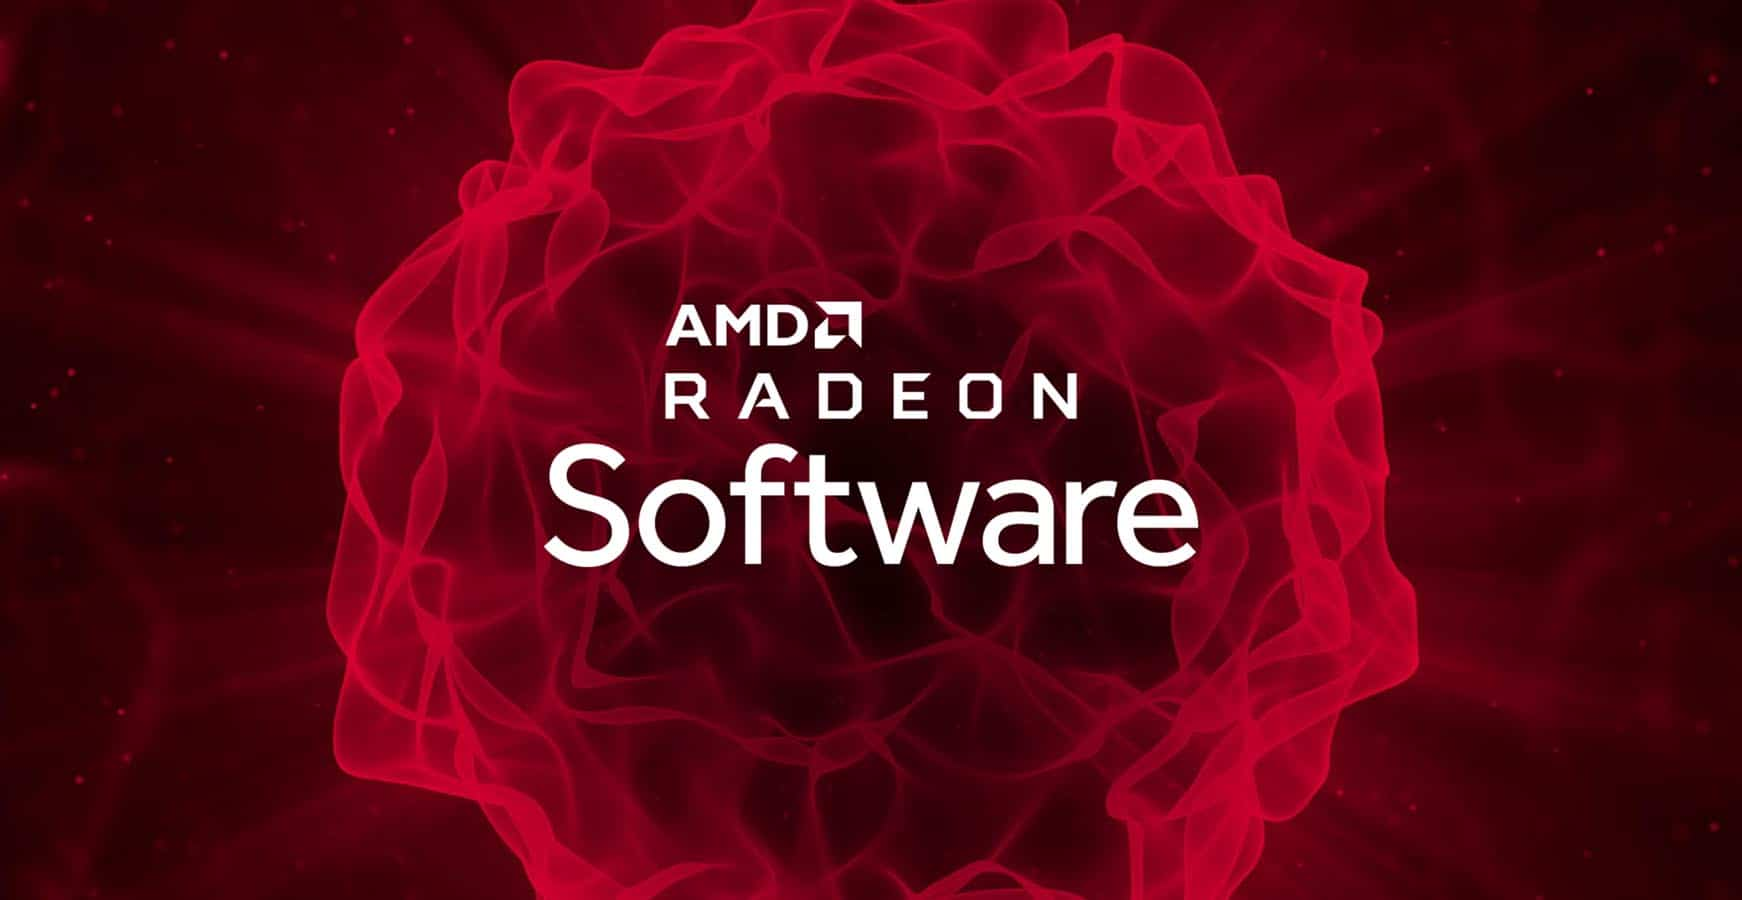 AMD presenta el nuevo AMD Radeon Software Adrenalin 2019 Edition